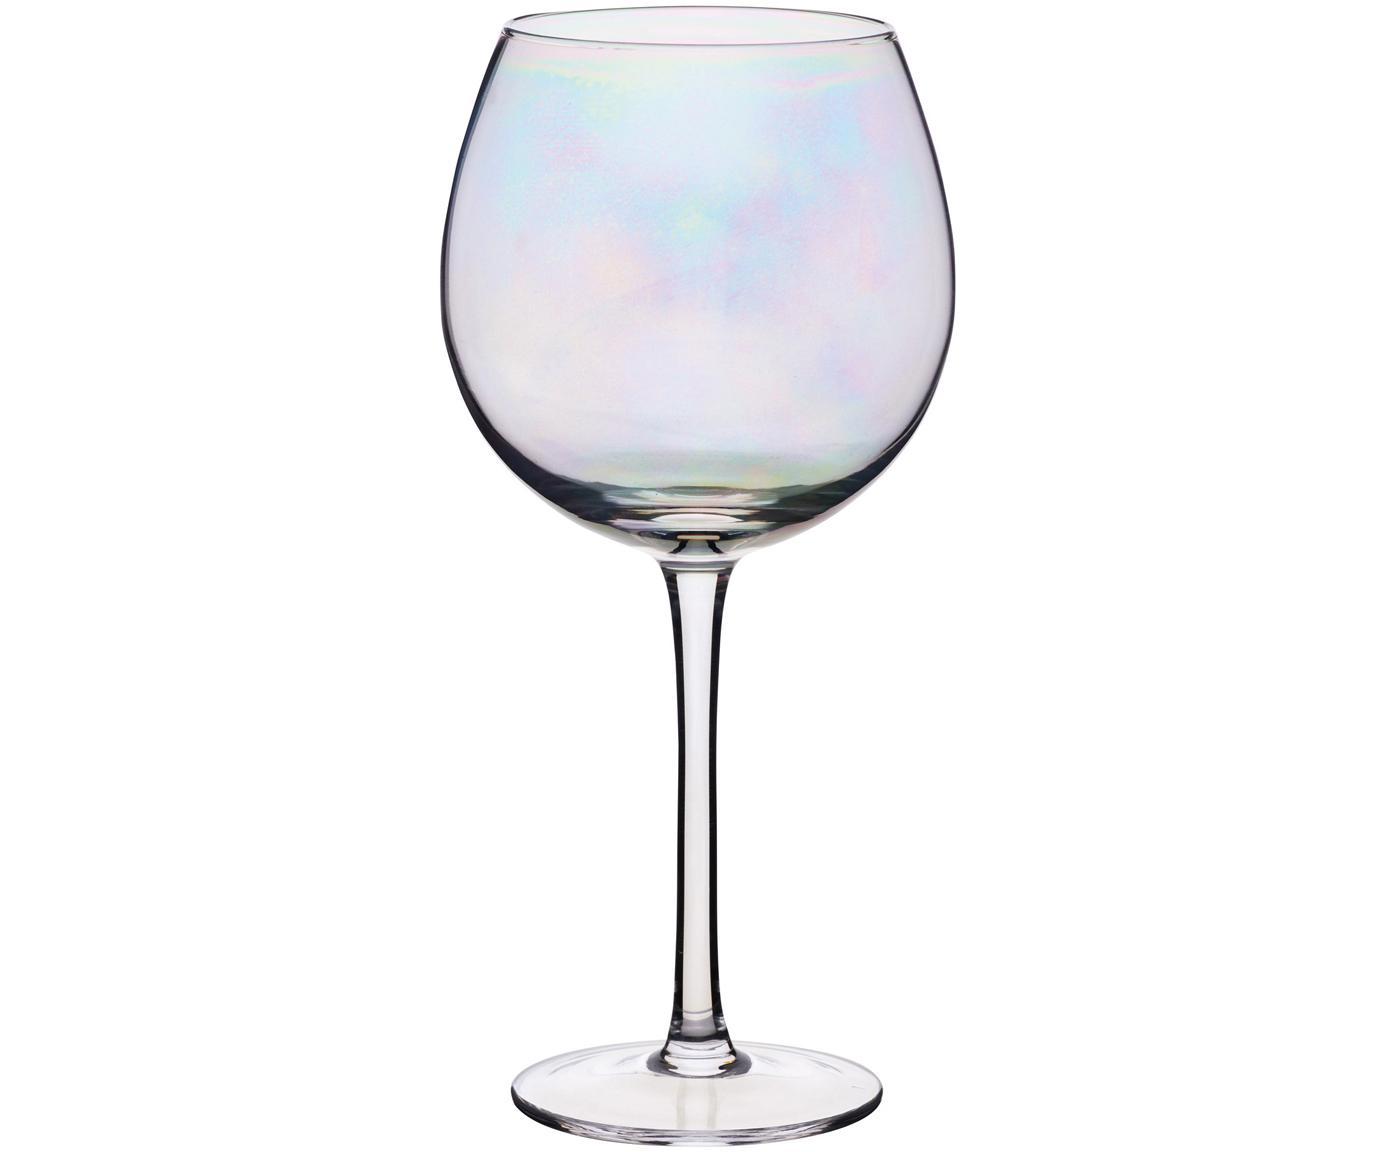 Weingläser Iridescent mit Perlmuttglanz, 2er-Set, Glas, Transparent, Ø 9 x H 22 cm